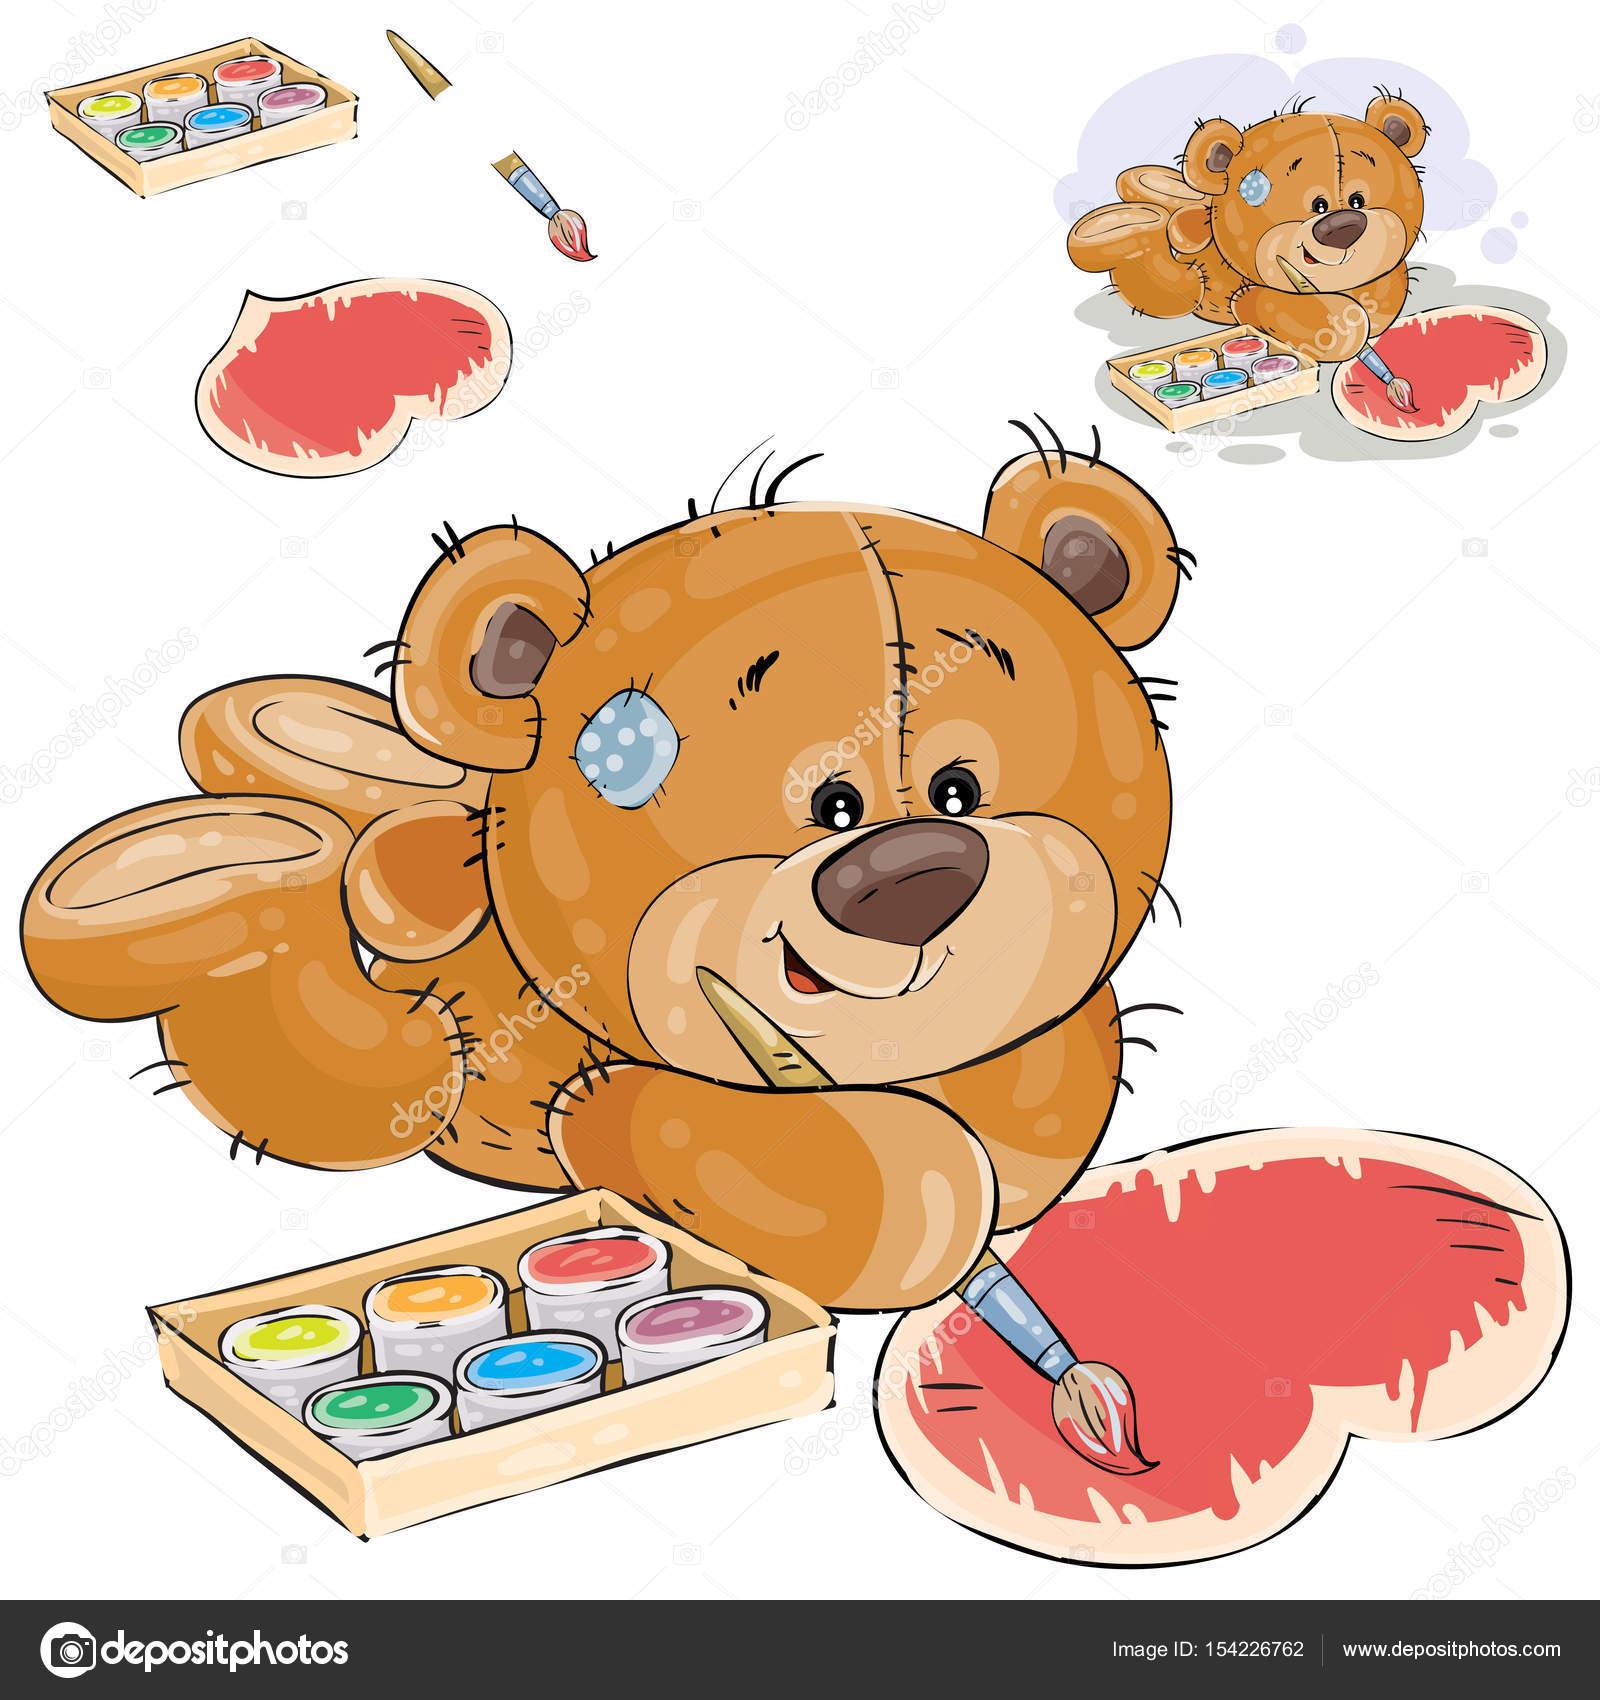 Vektor-Illustration ein brauner Teddybär Farben ein Herz mit einer ...